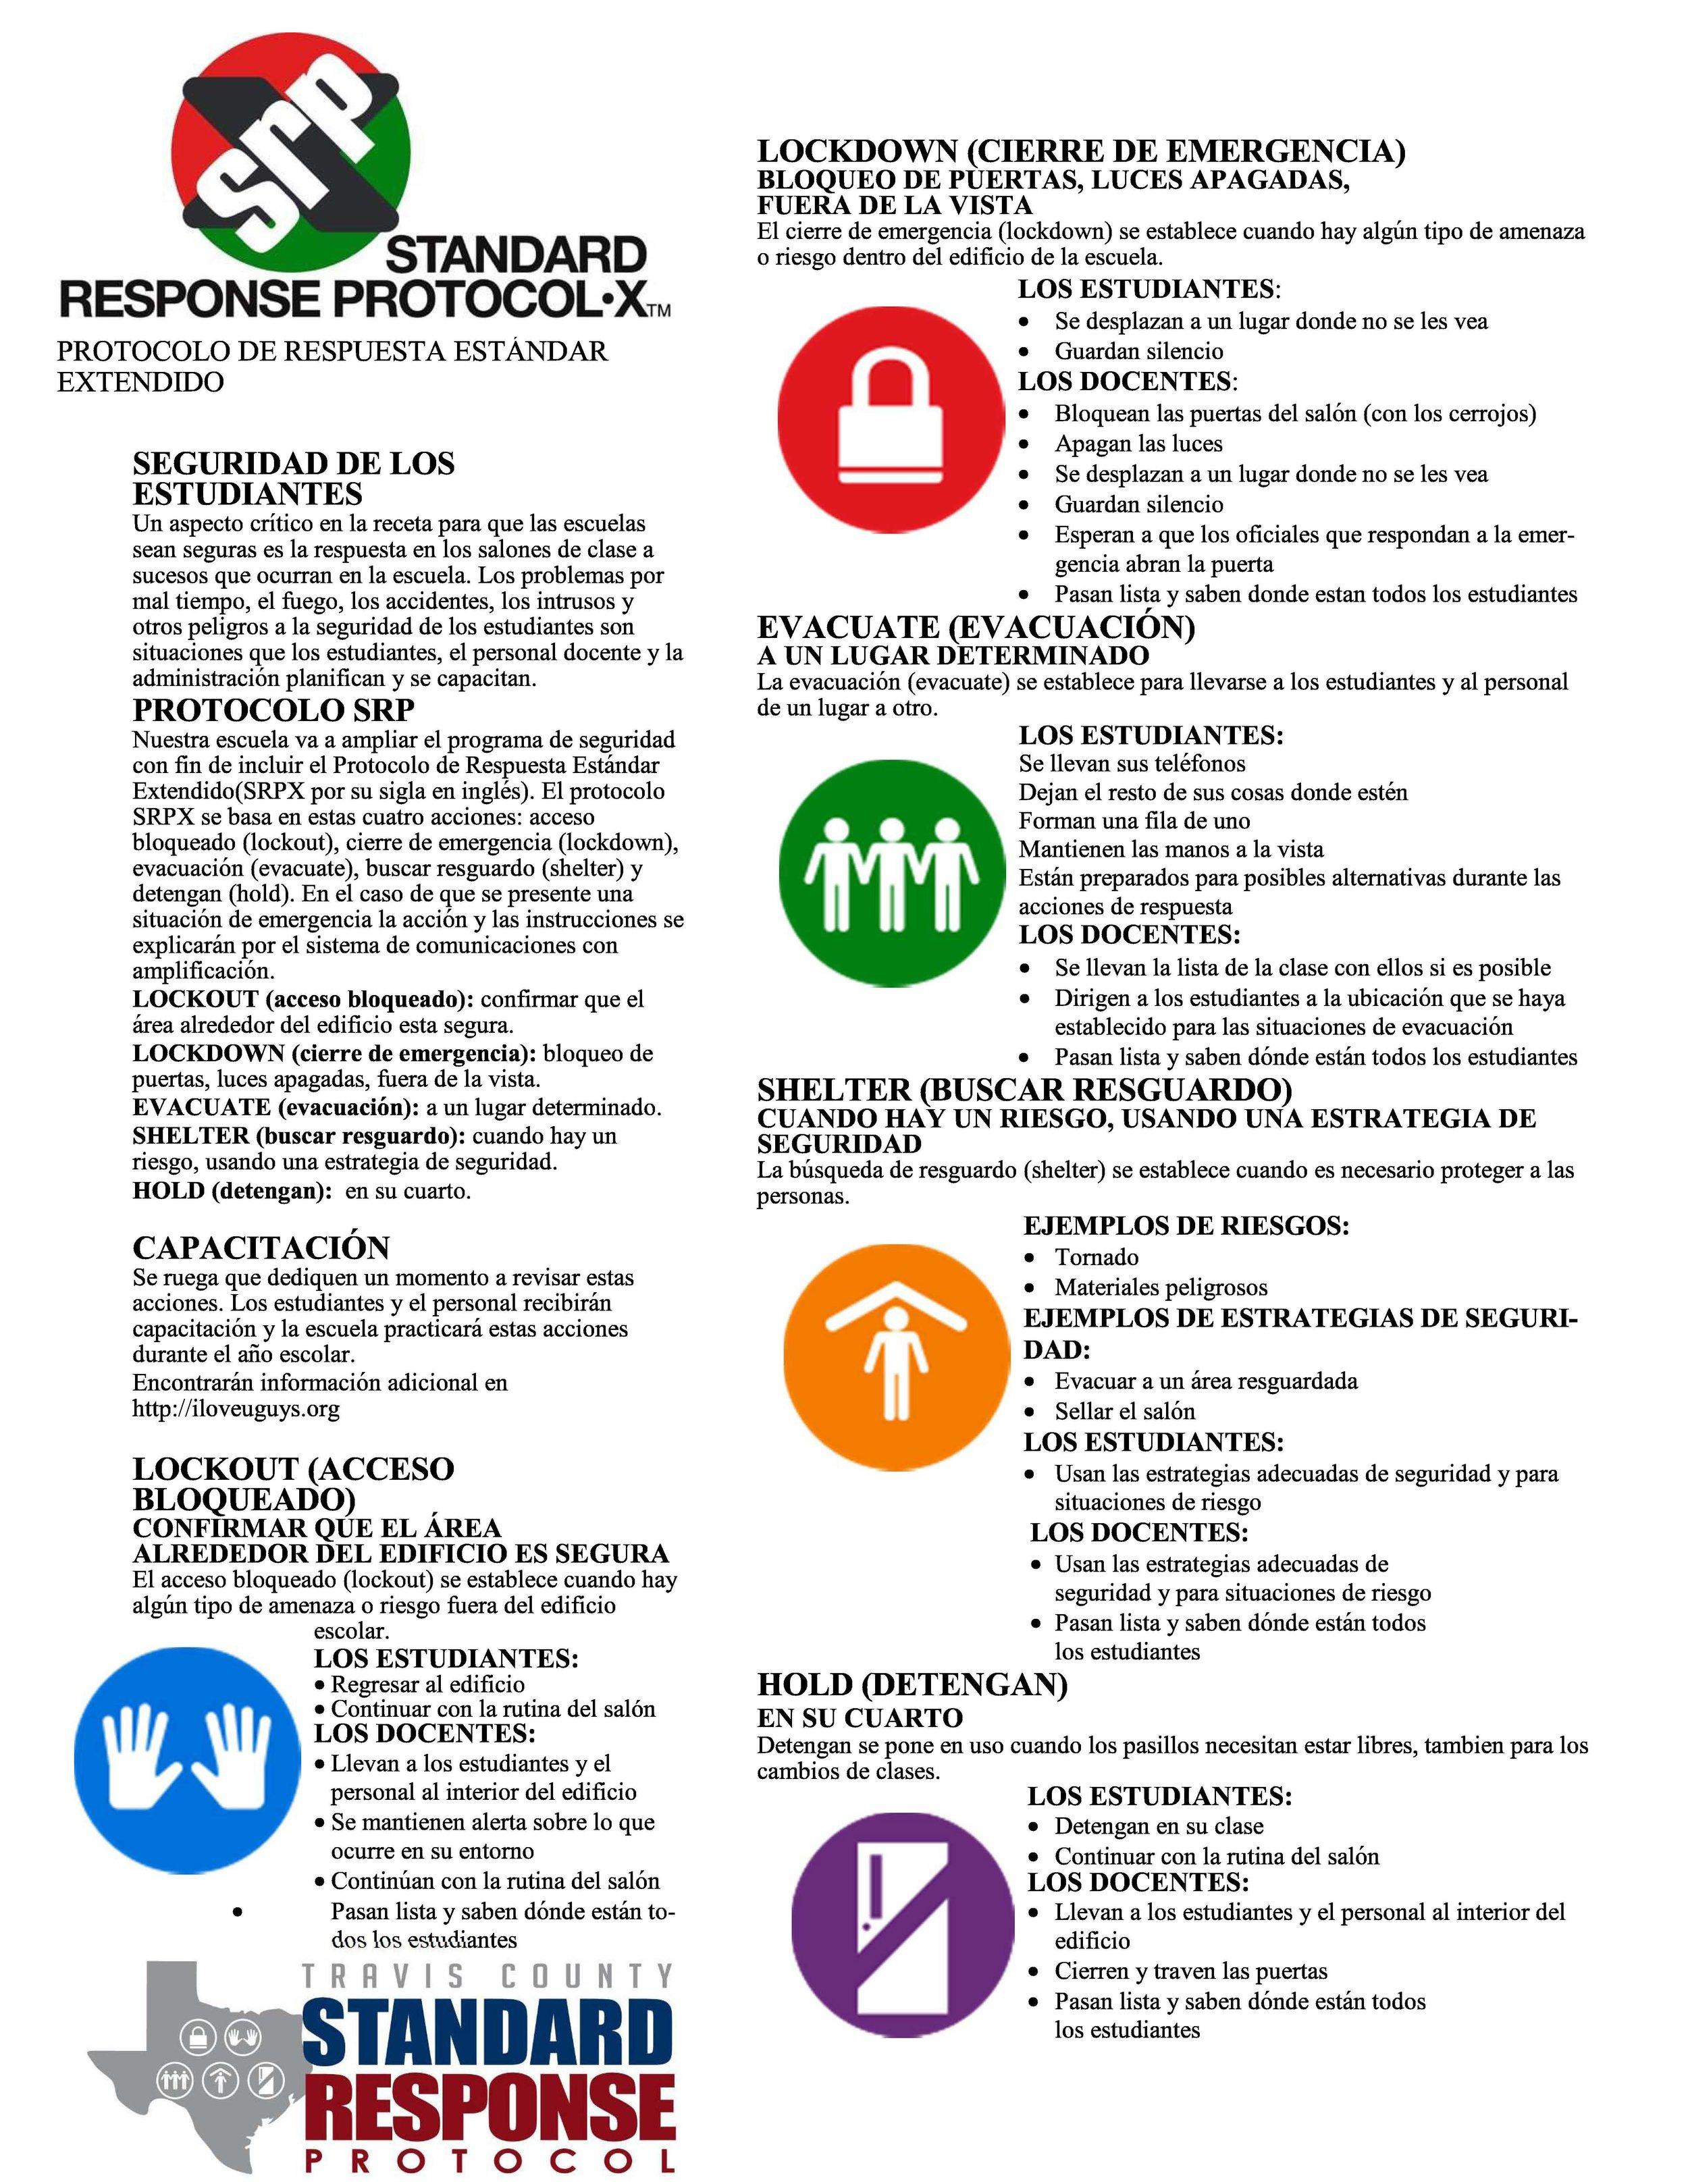 SRP handout - spanish - FINAL.jpg